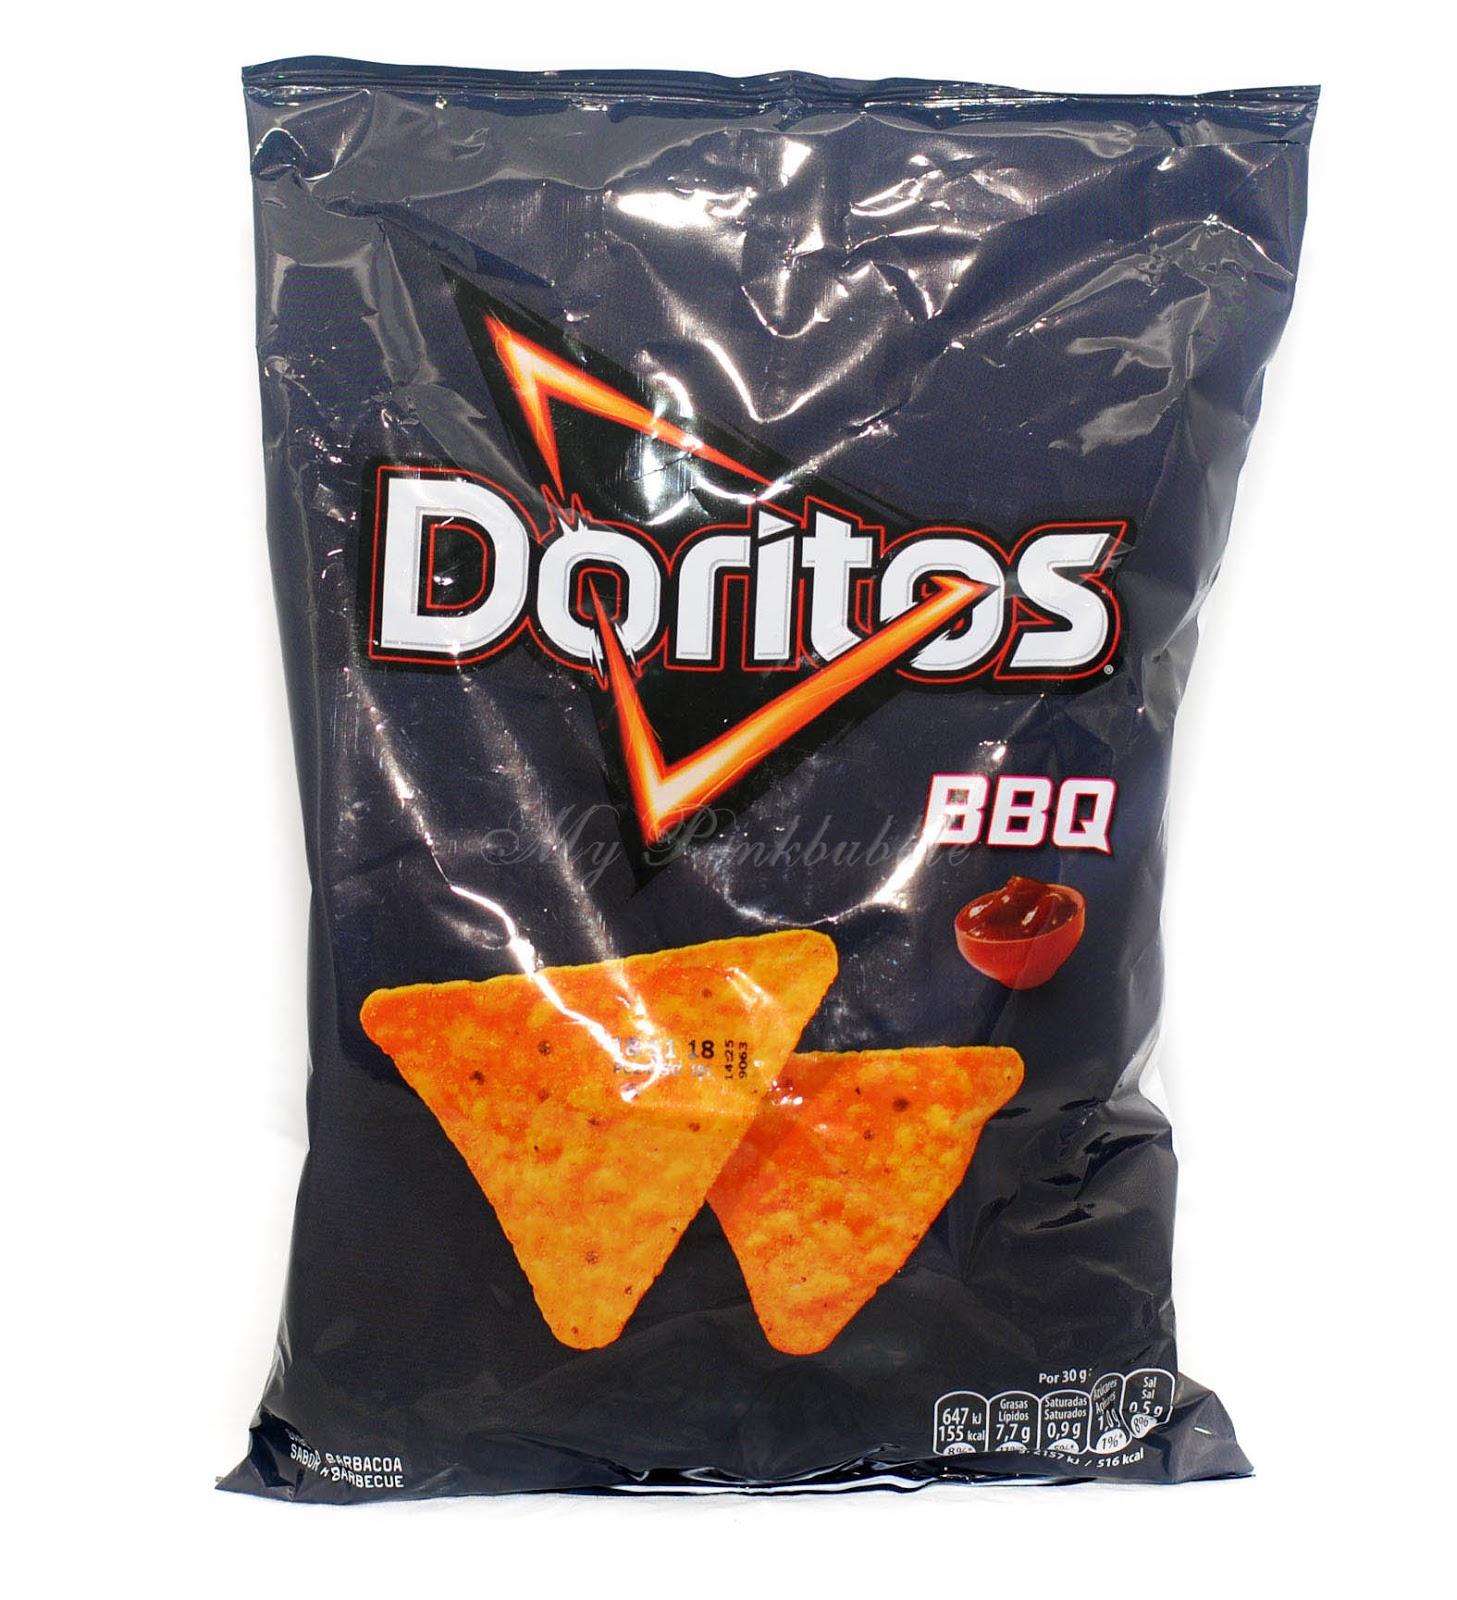 Sexy doritos